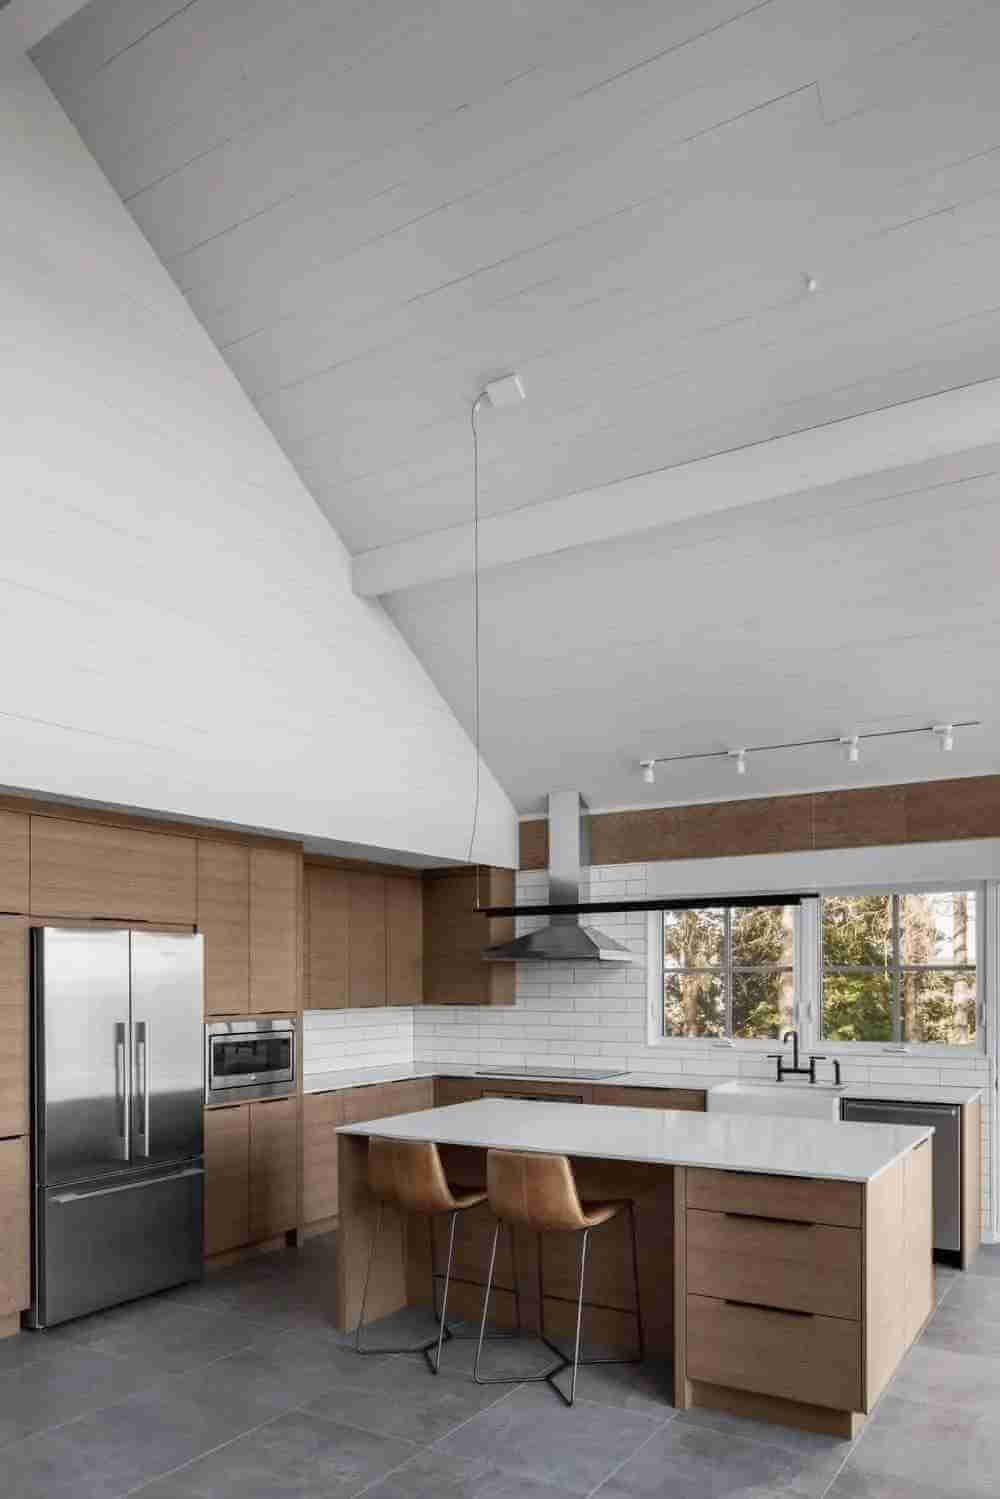 beyaz-sade-lamine-mutfak-dolabi-modeli